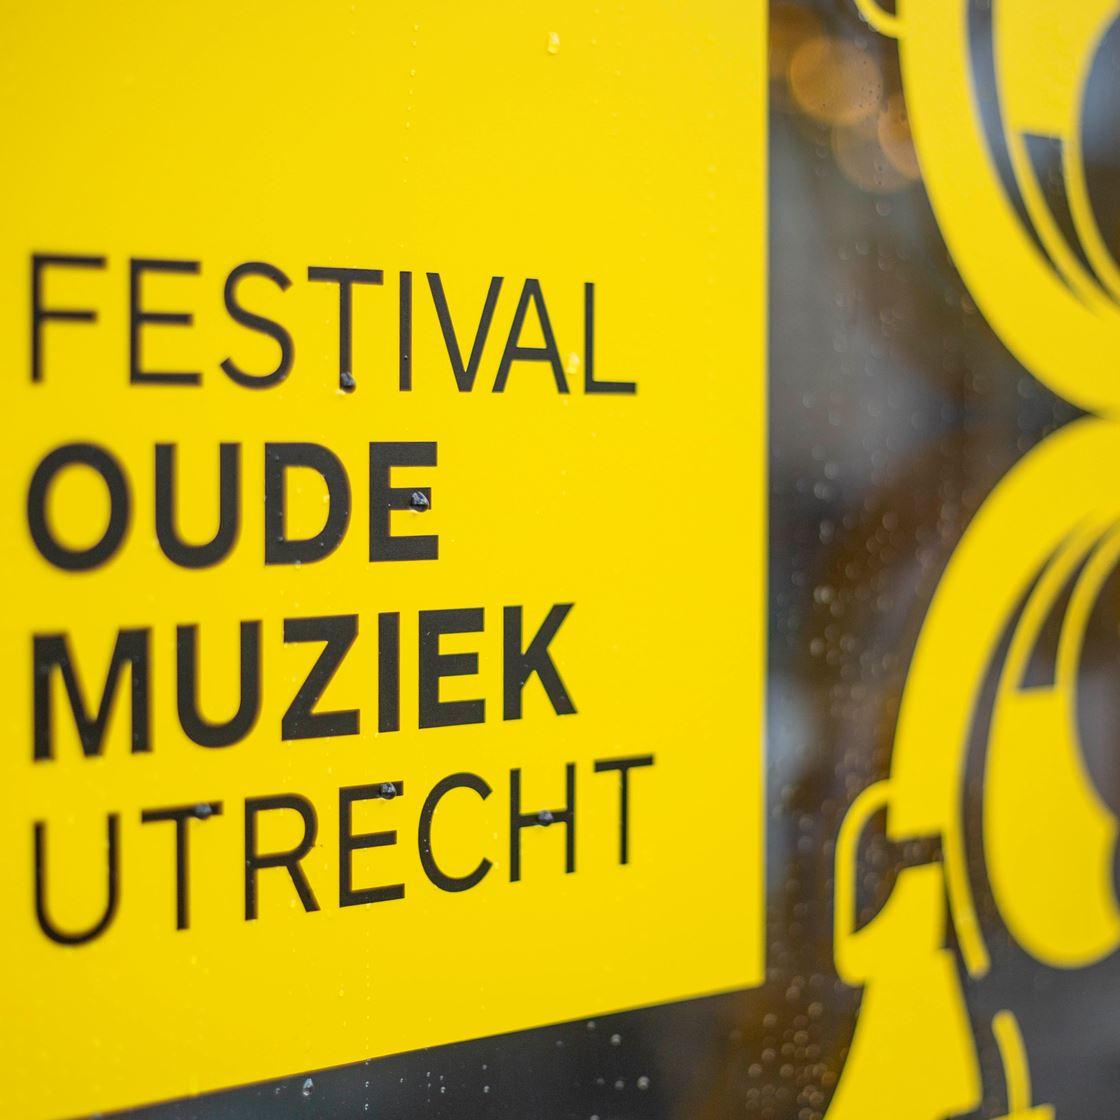 FESTIVAL OUDE MUZIEK 2020 - óók 1 dag in Leeuwarden